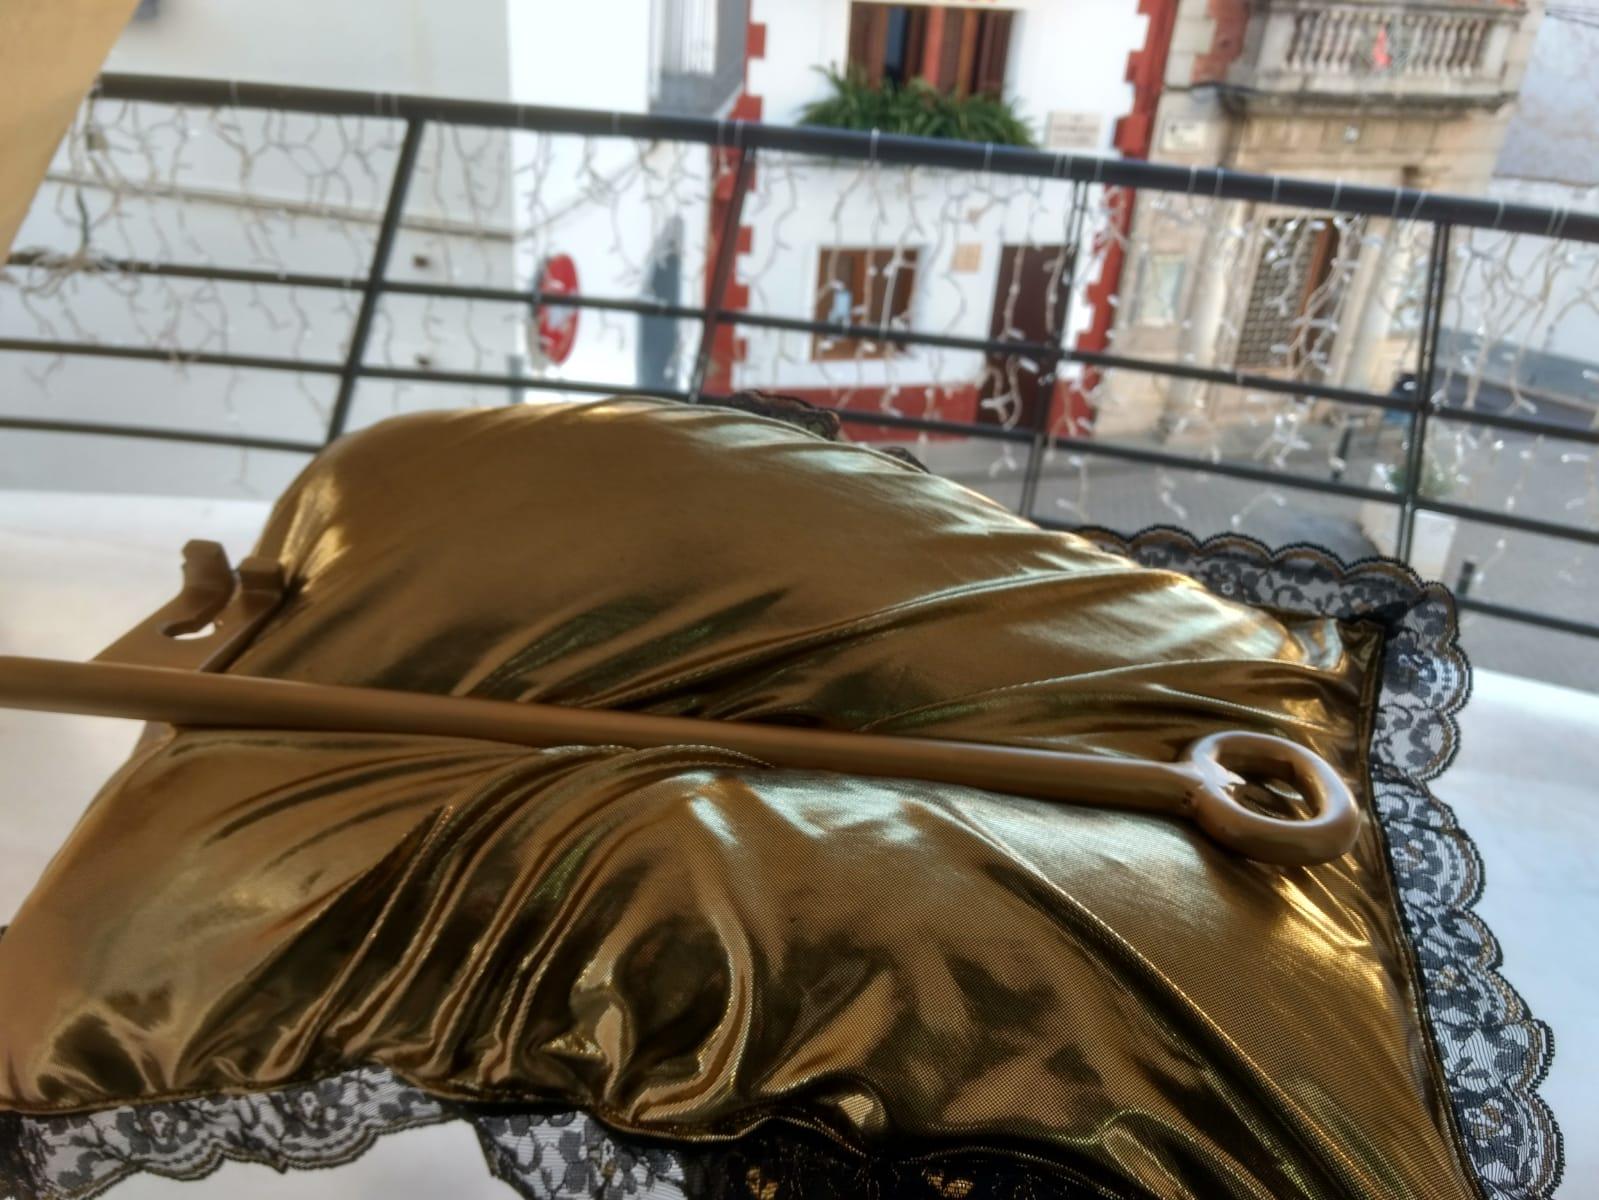 Avui dissabte 5 de gener arriben els Reis Mags a la Bisbal!